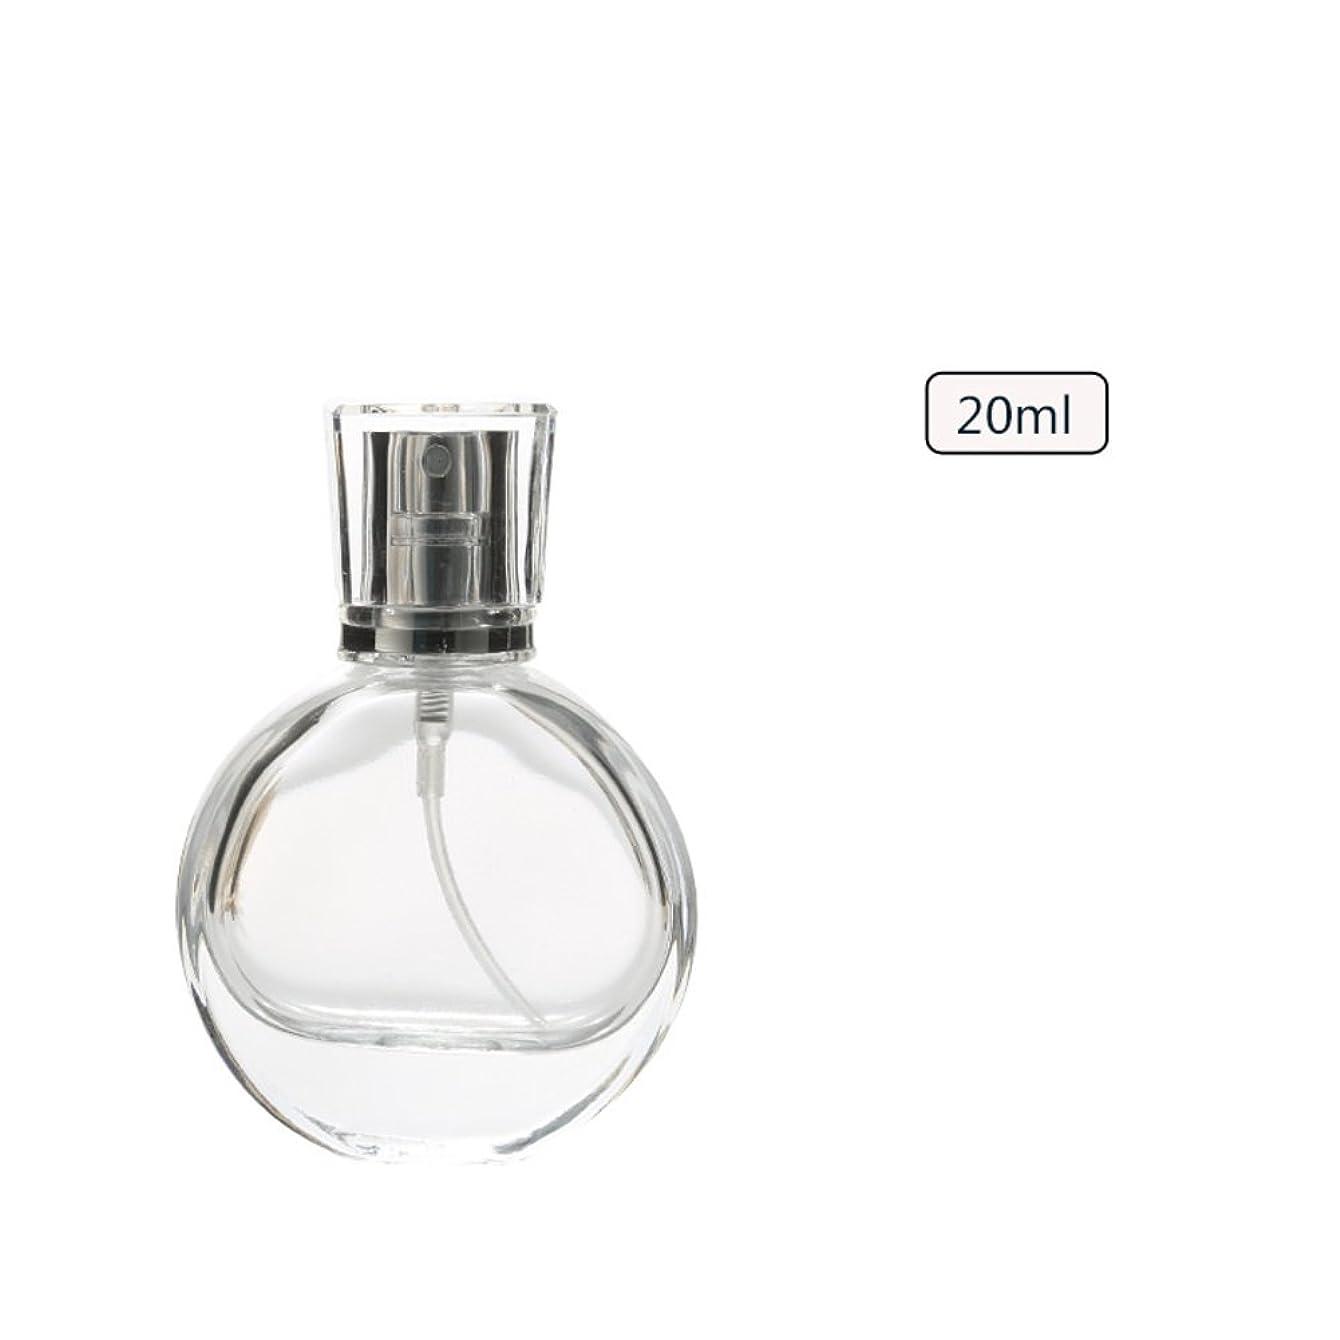 目的トロリーバス肉ポータブルミニ詰め替え香水瓶-透明なガラス香水アトマイザー,20女性用 ml'S の香り & 男性'旅行パーティー出張のためのコロン-